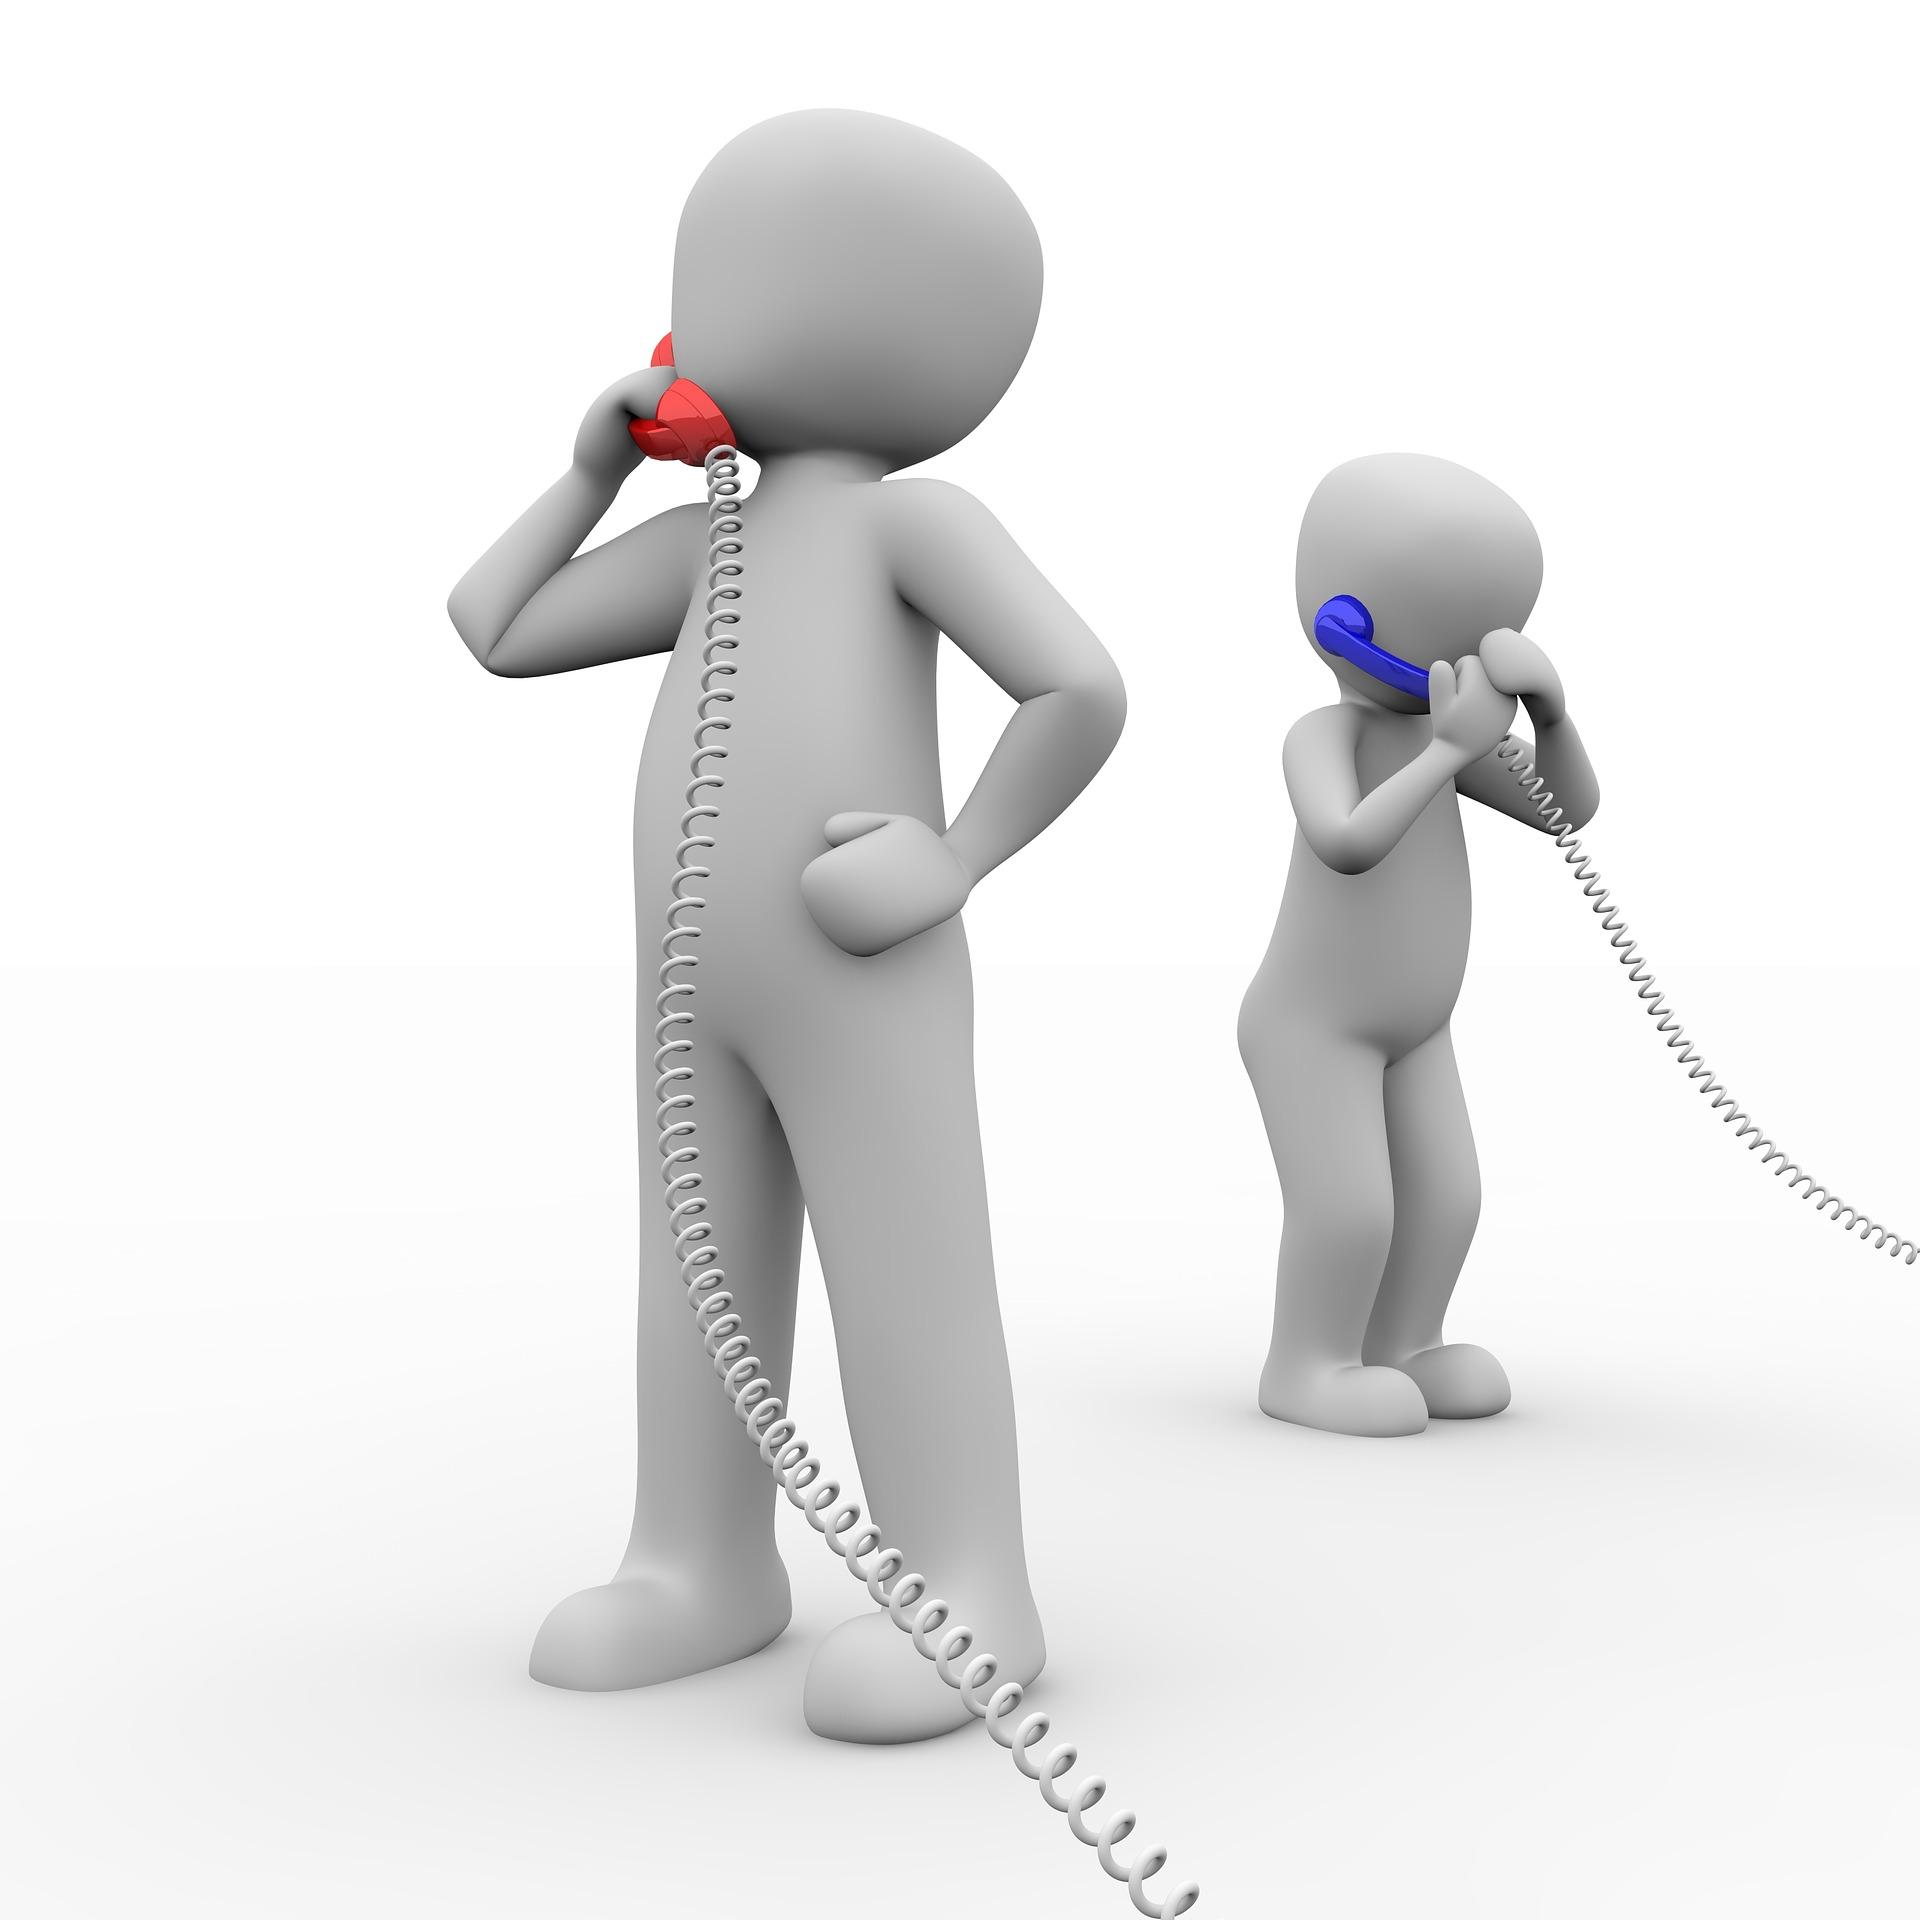 call-center-1015273_1920